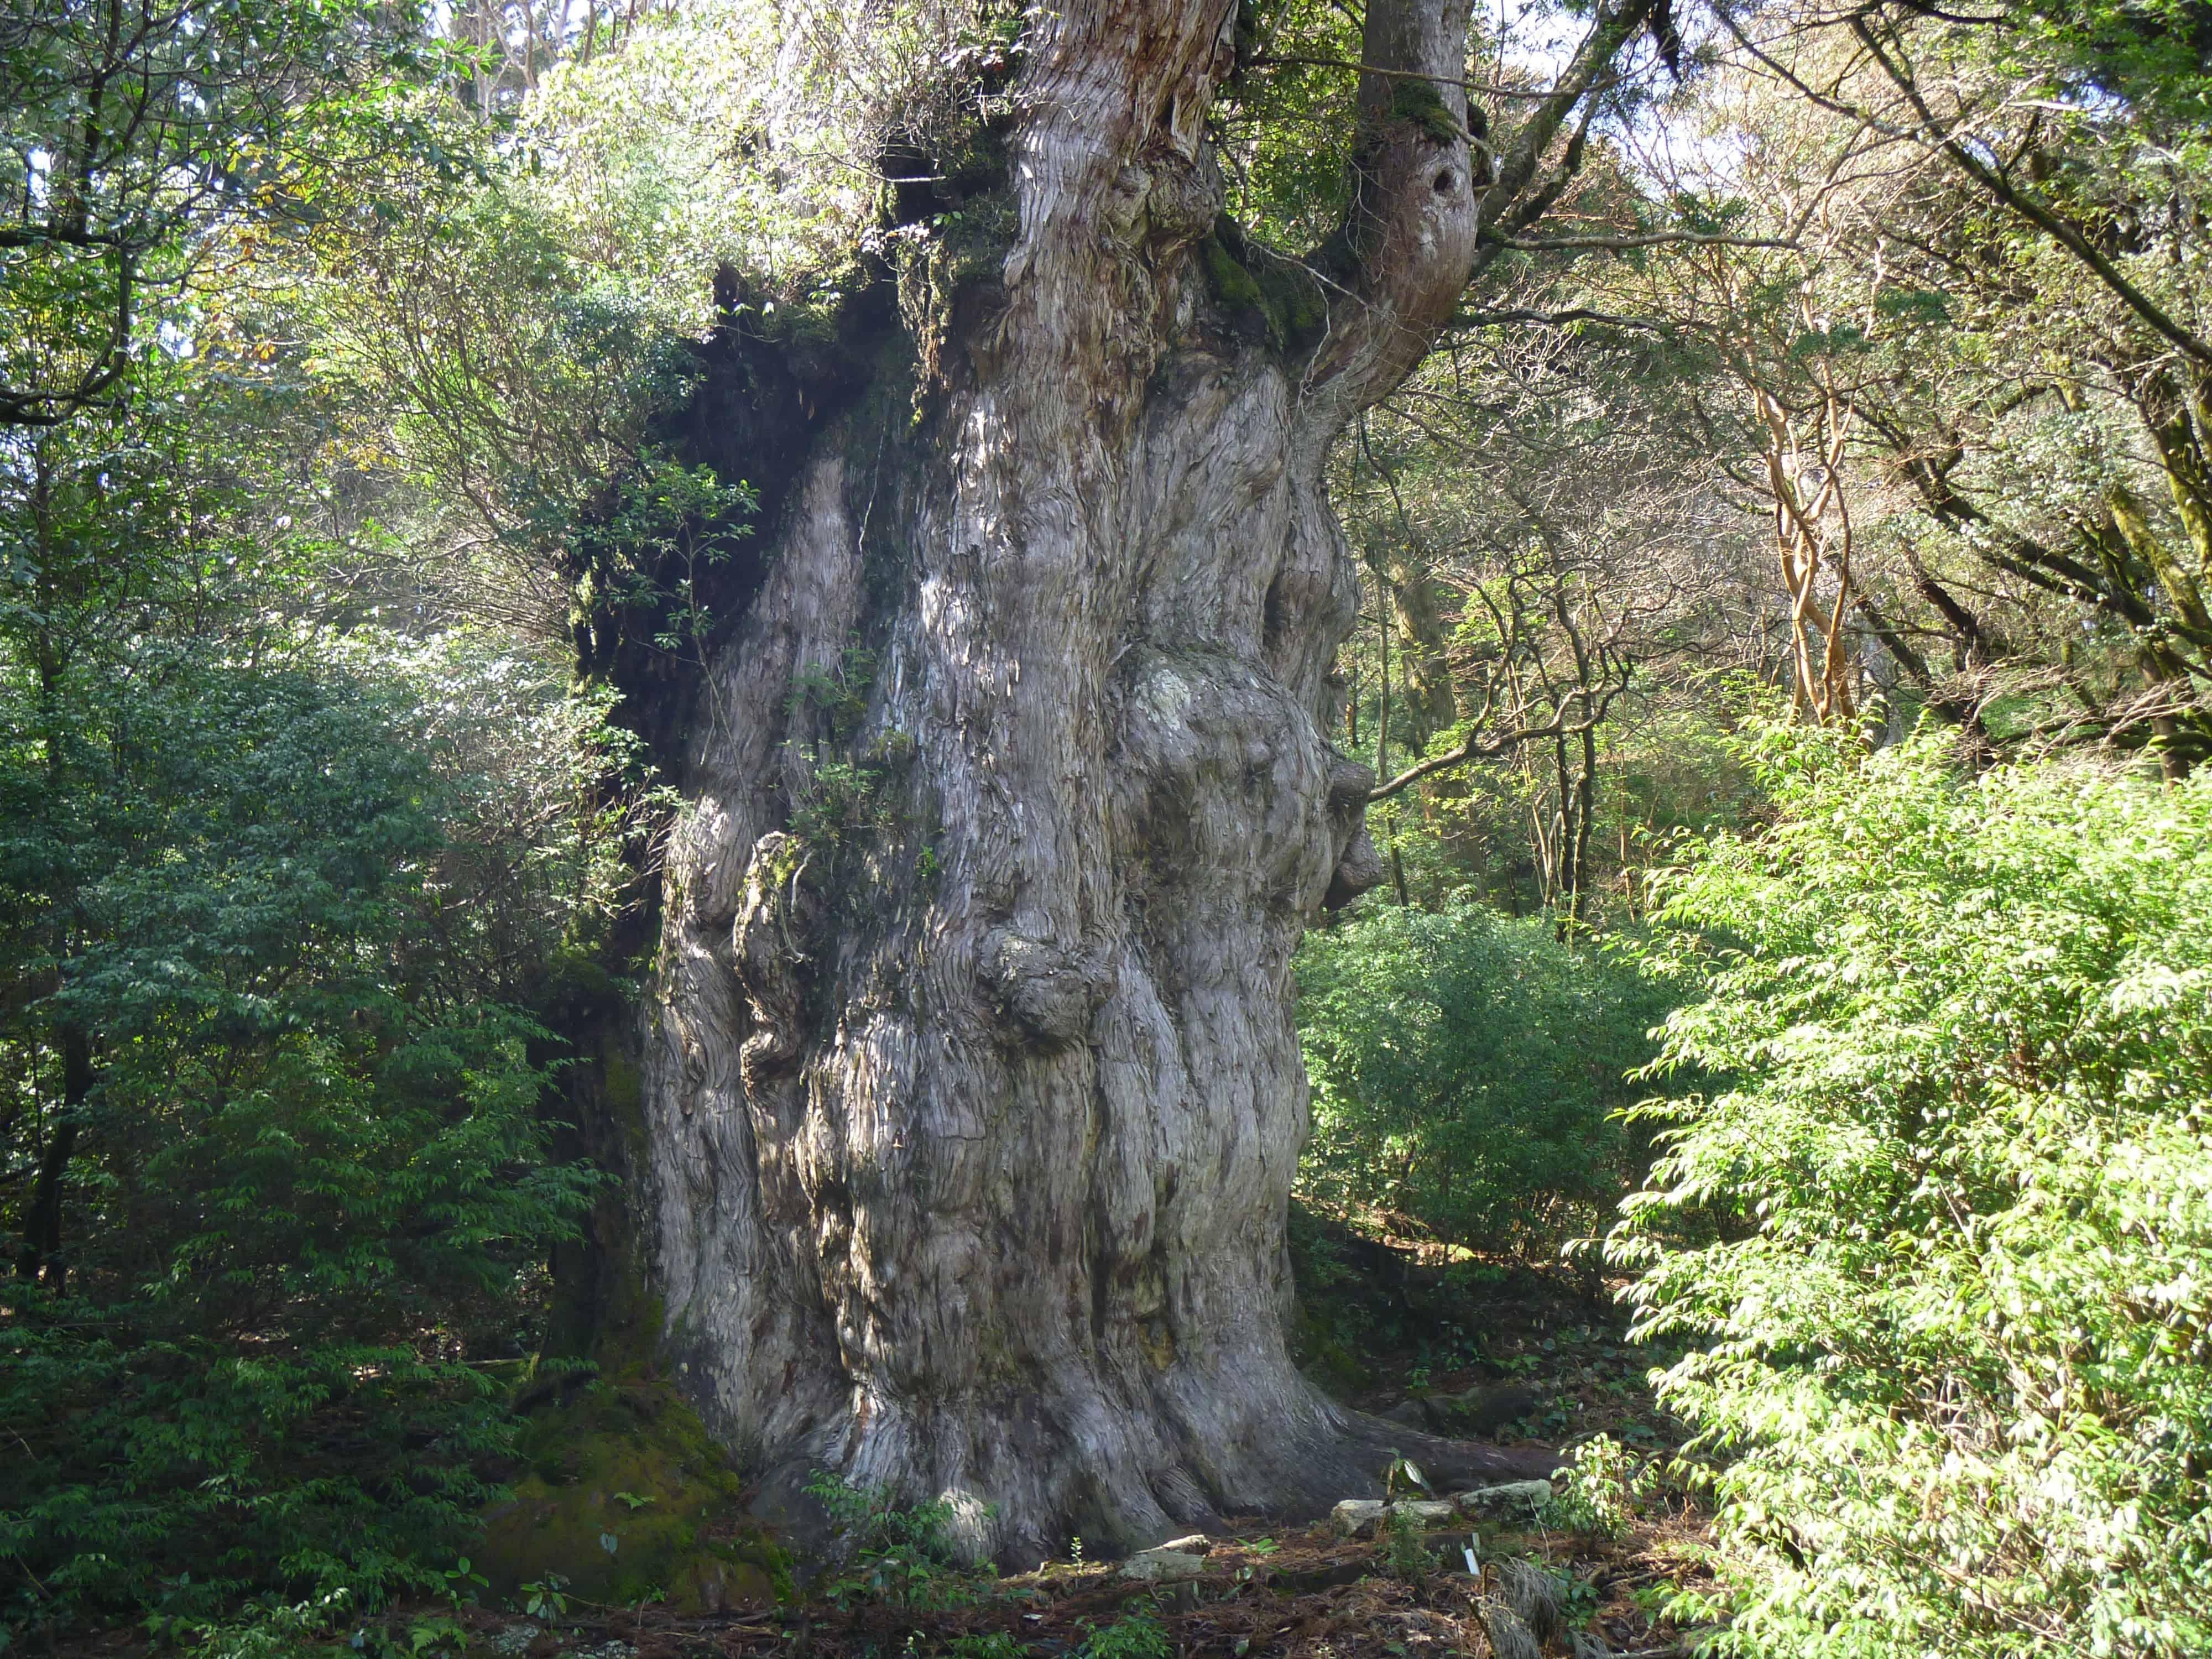 【屋久島】樹齢1000年を超える縄文杉を見に行くなら知っておきたい、自然の神秘スポットに関するまとめ